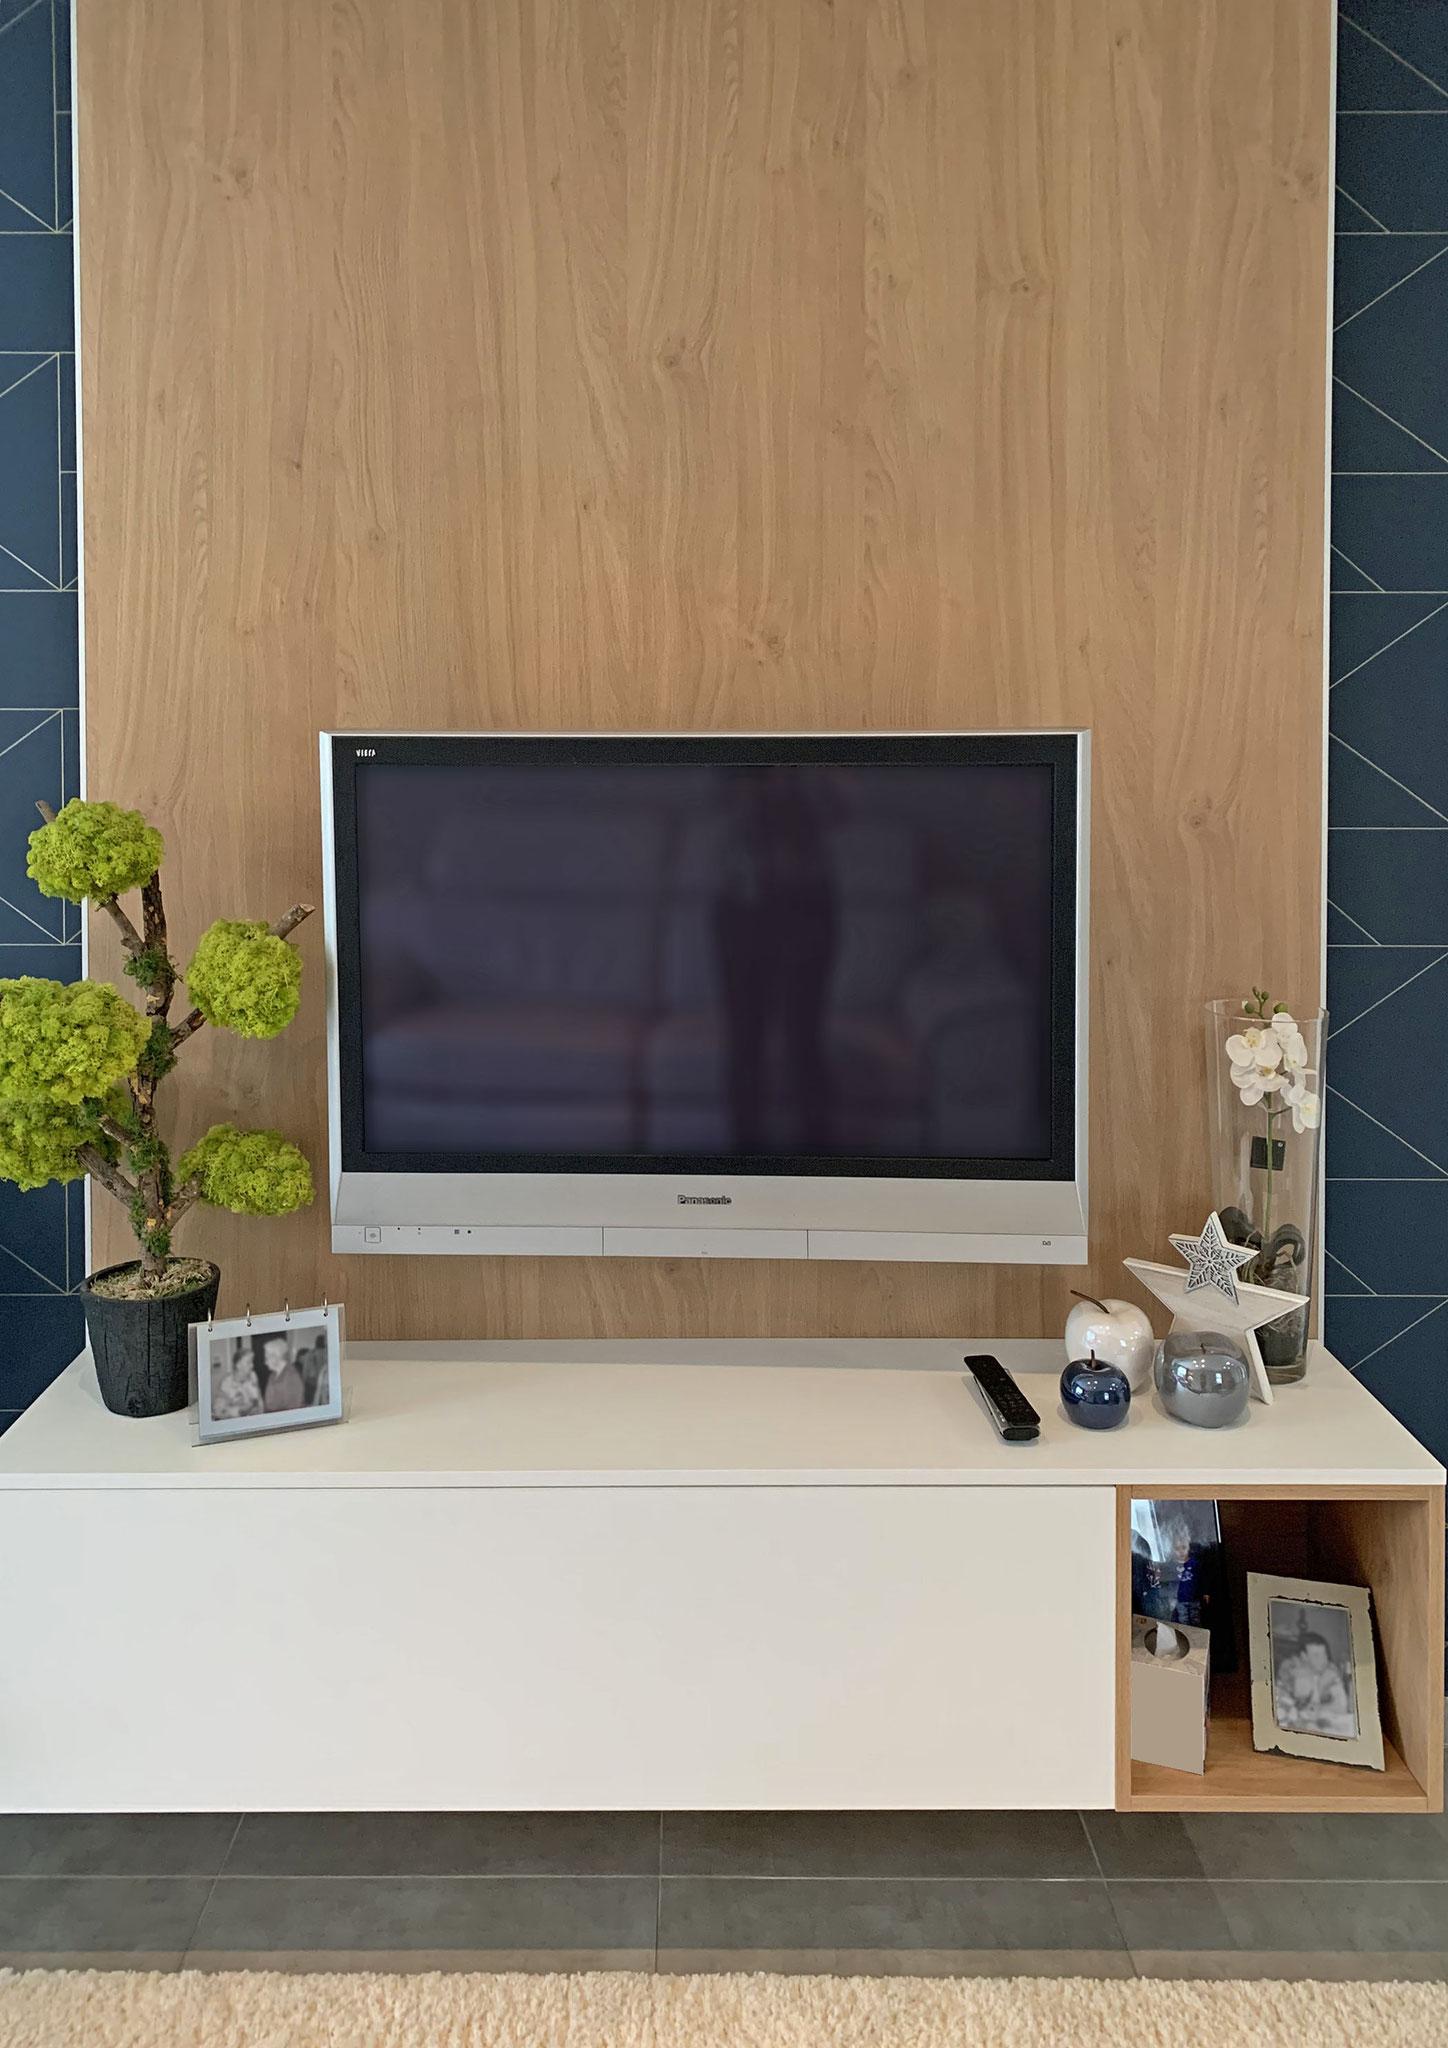 Conception d'un meuble TV suspendu sur panneau bois